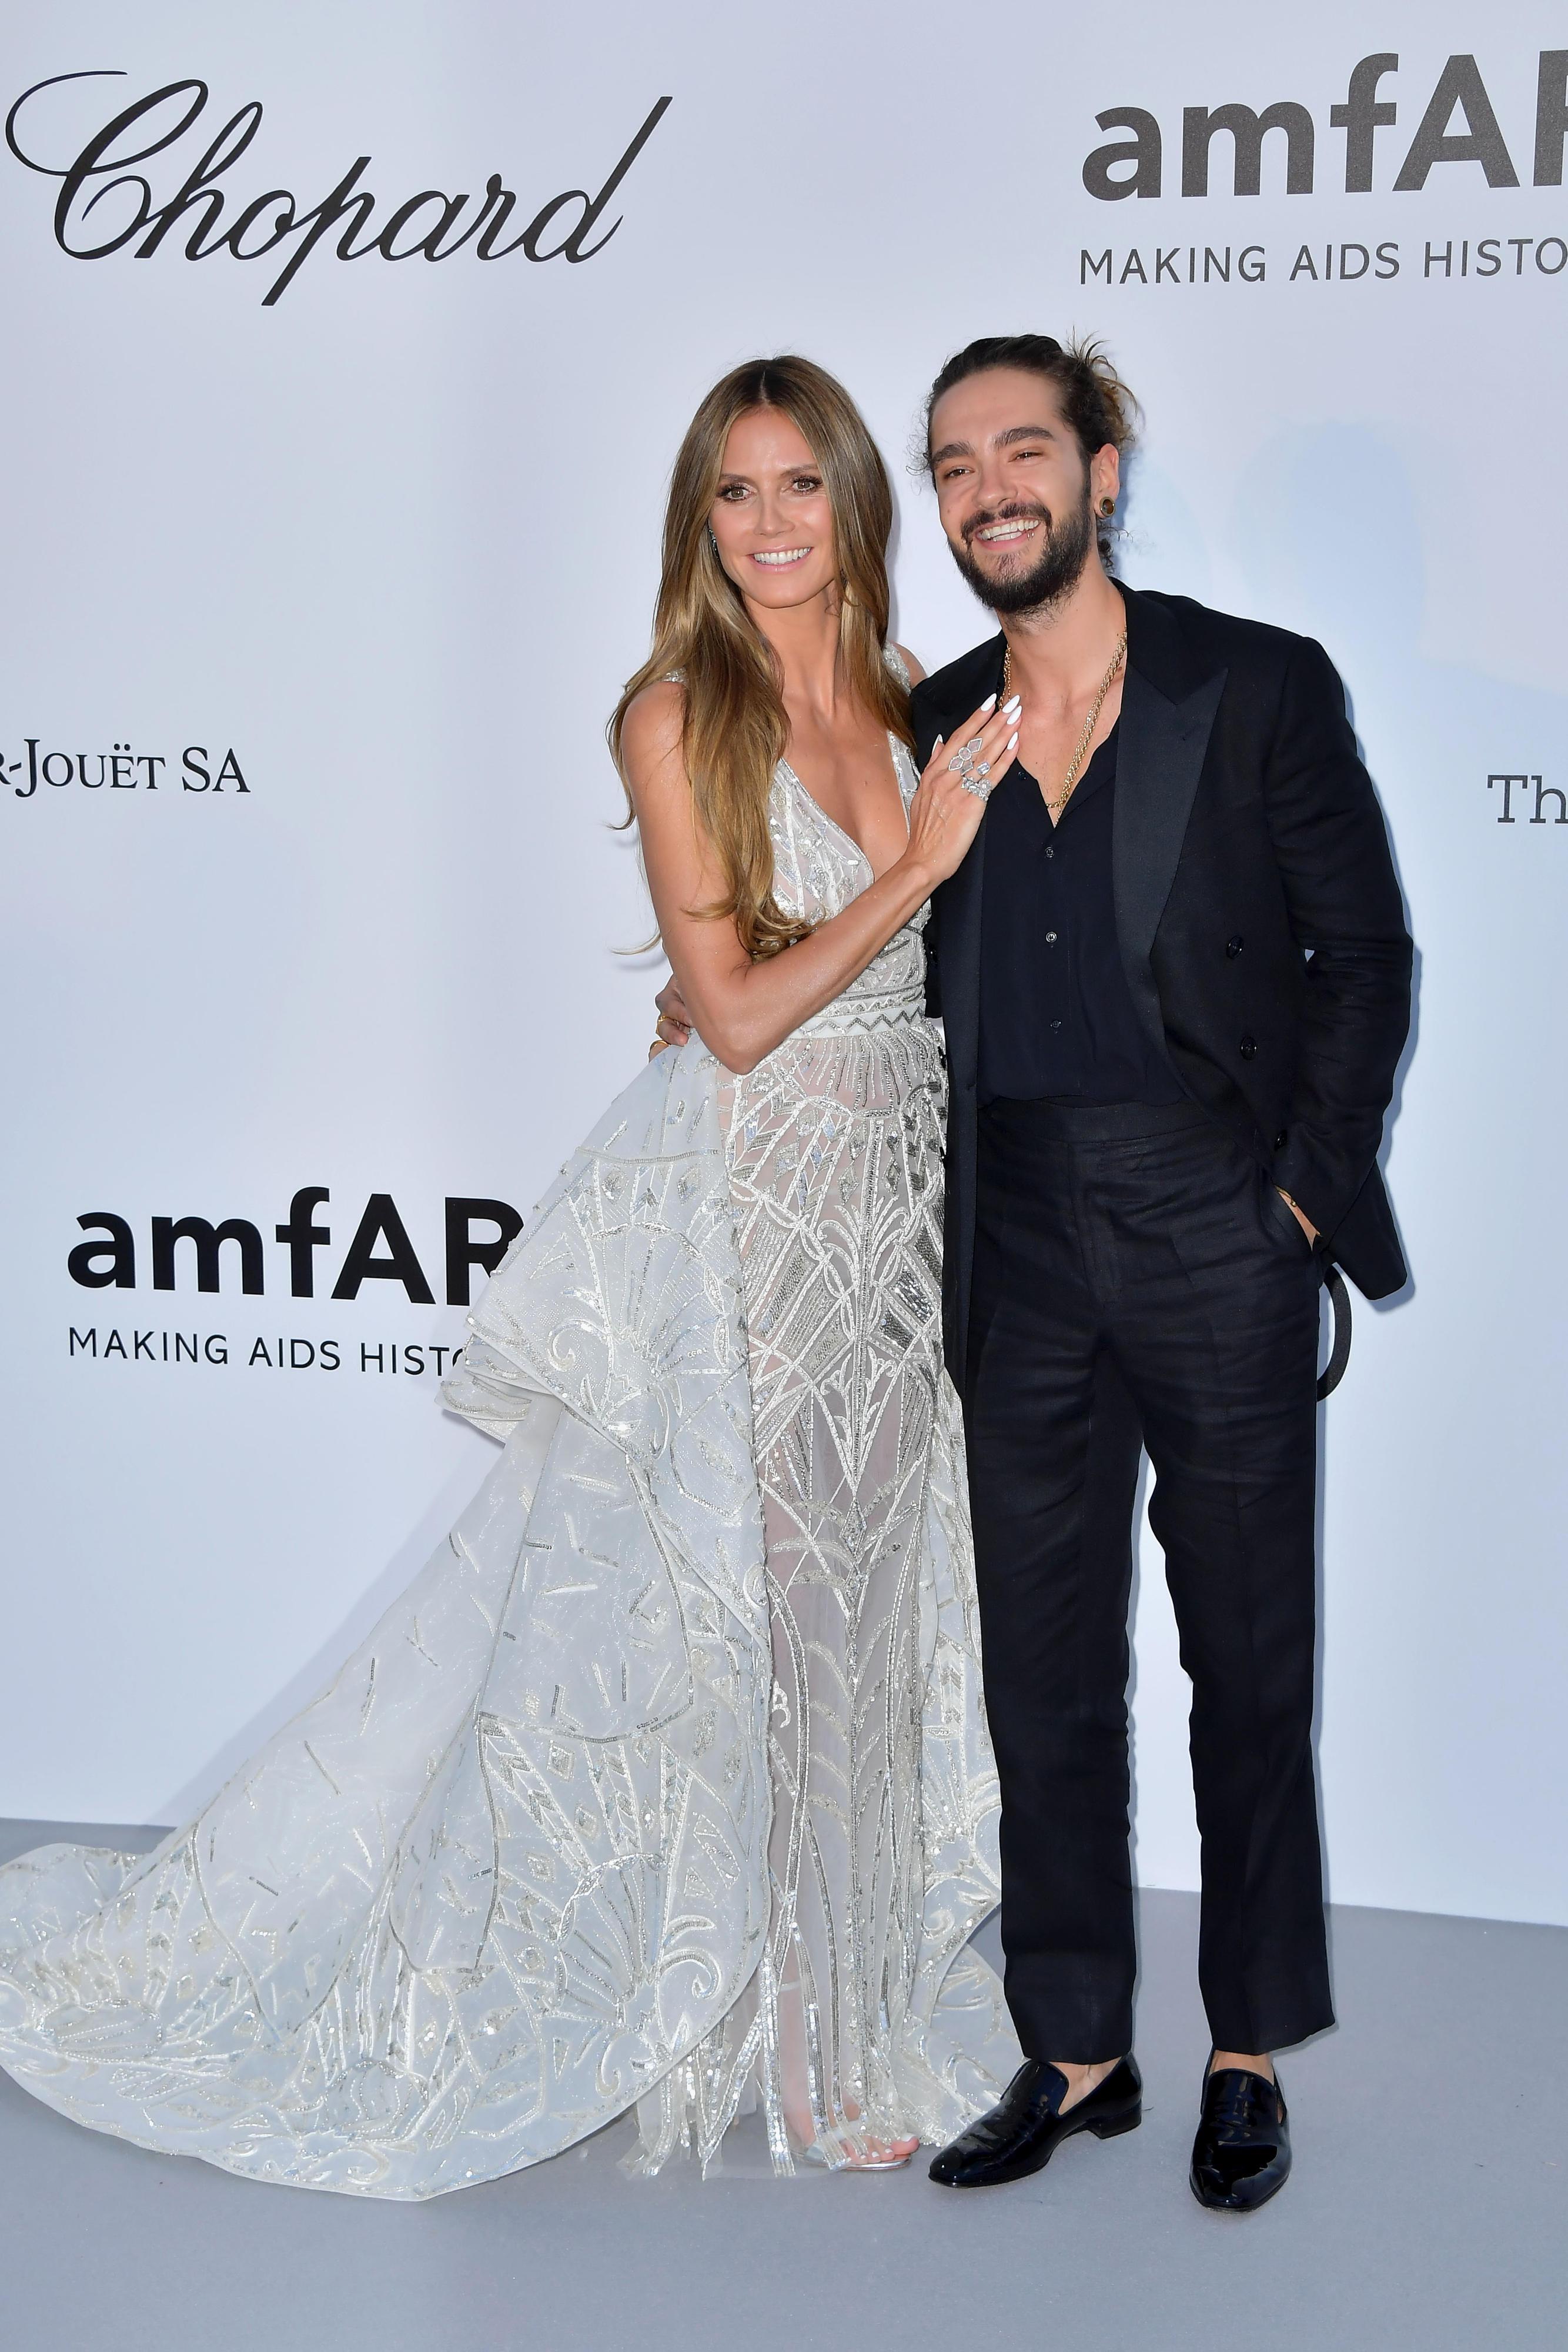 Generalprobe gelungen: Bei der Amfar-Gala strahlte Heidi neben Tom in ihrer weißen Robe von Zuhair Murad, wirkte da schon wie eine Braut